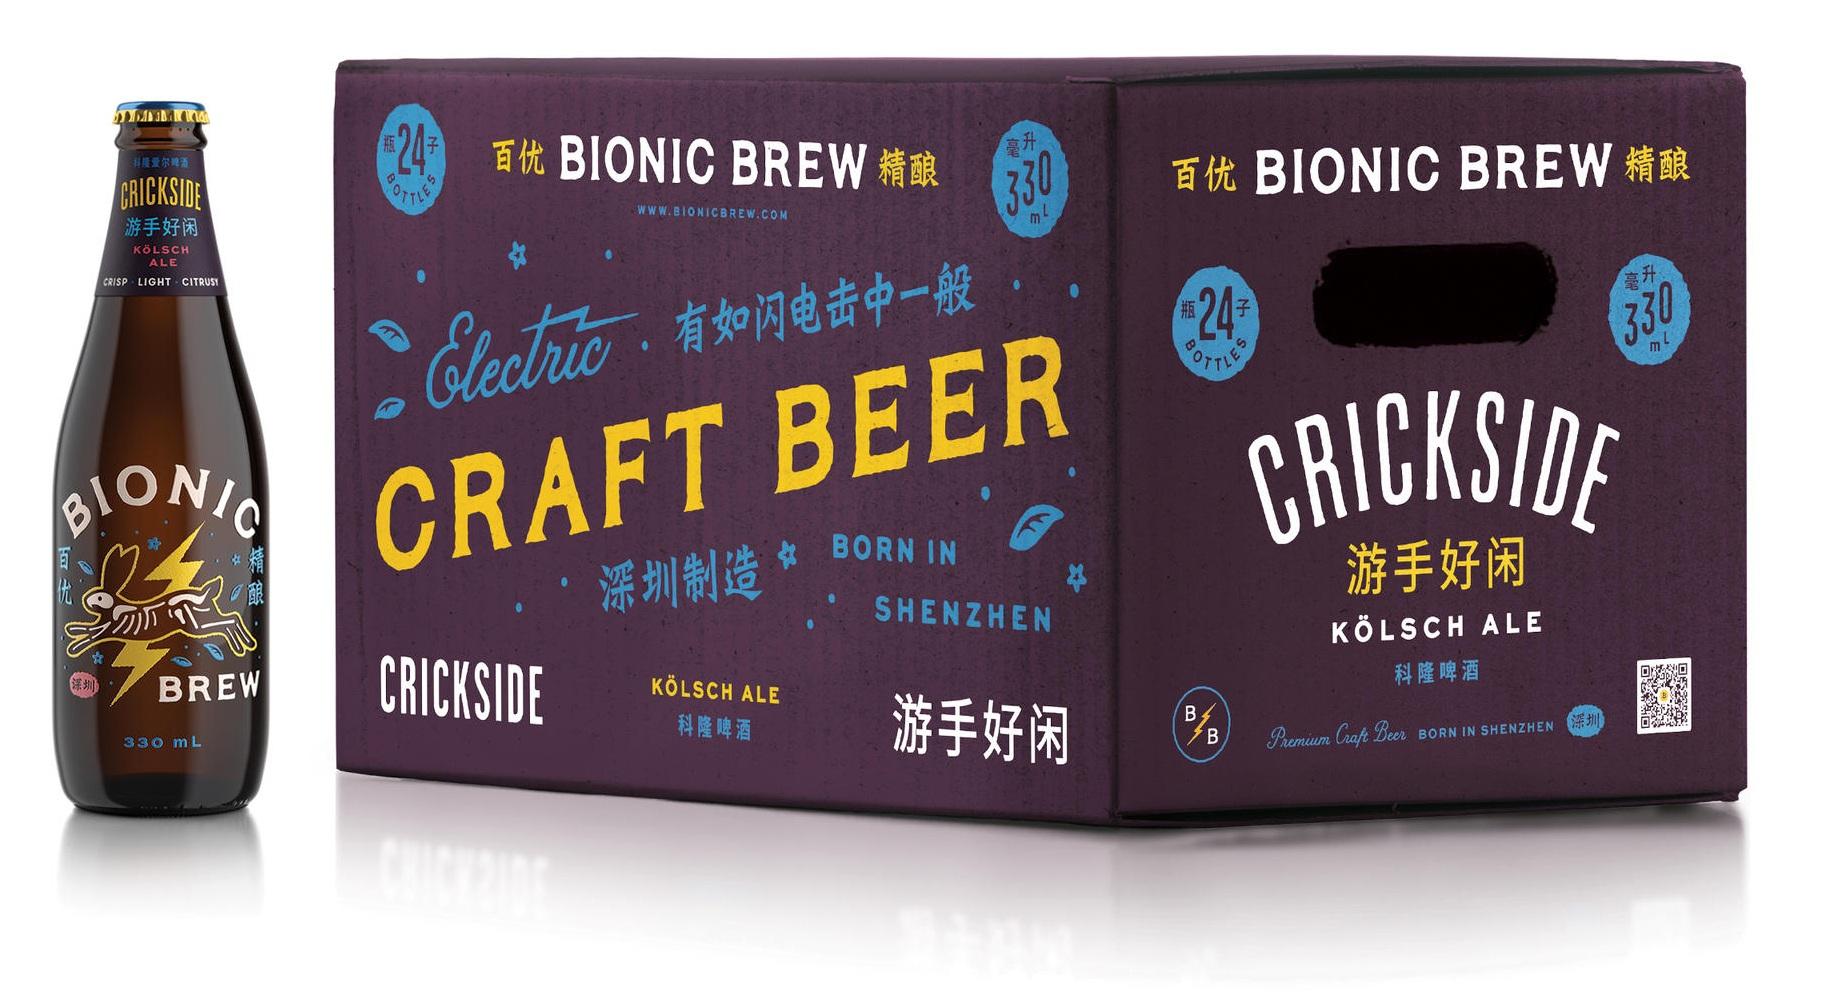 Bionic Brew Branding and Packaging. Studio: Helms Workshop